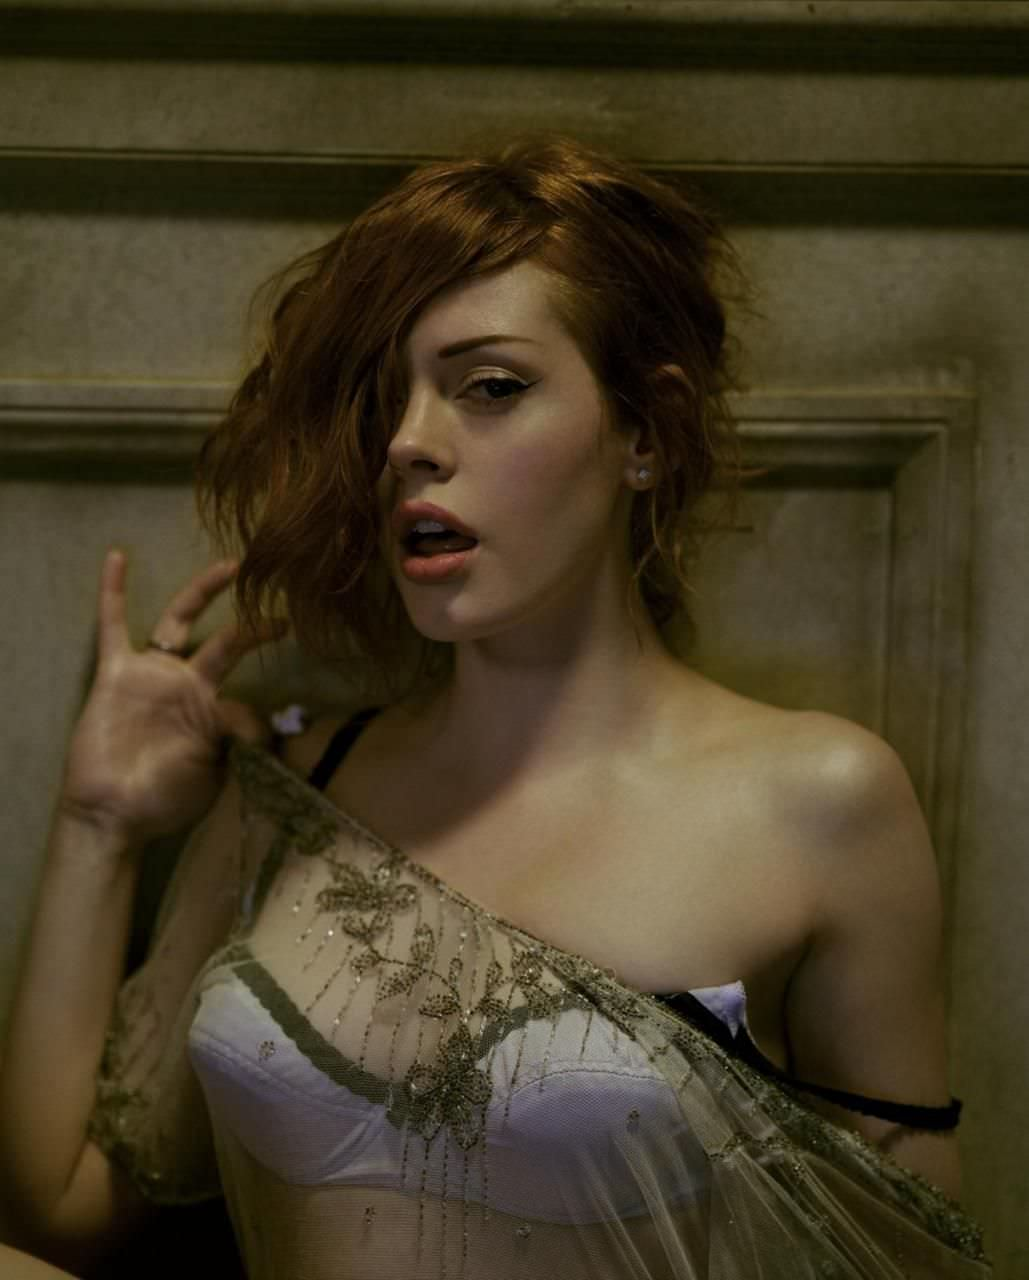 Роуз Макгоуэн фото с рыжими волосами